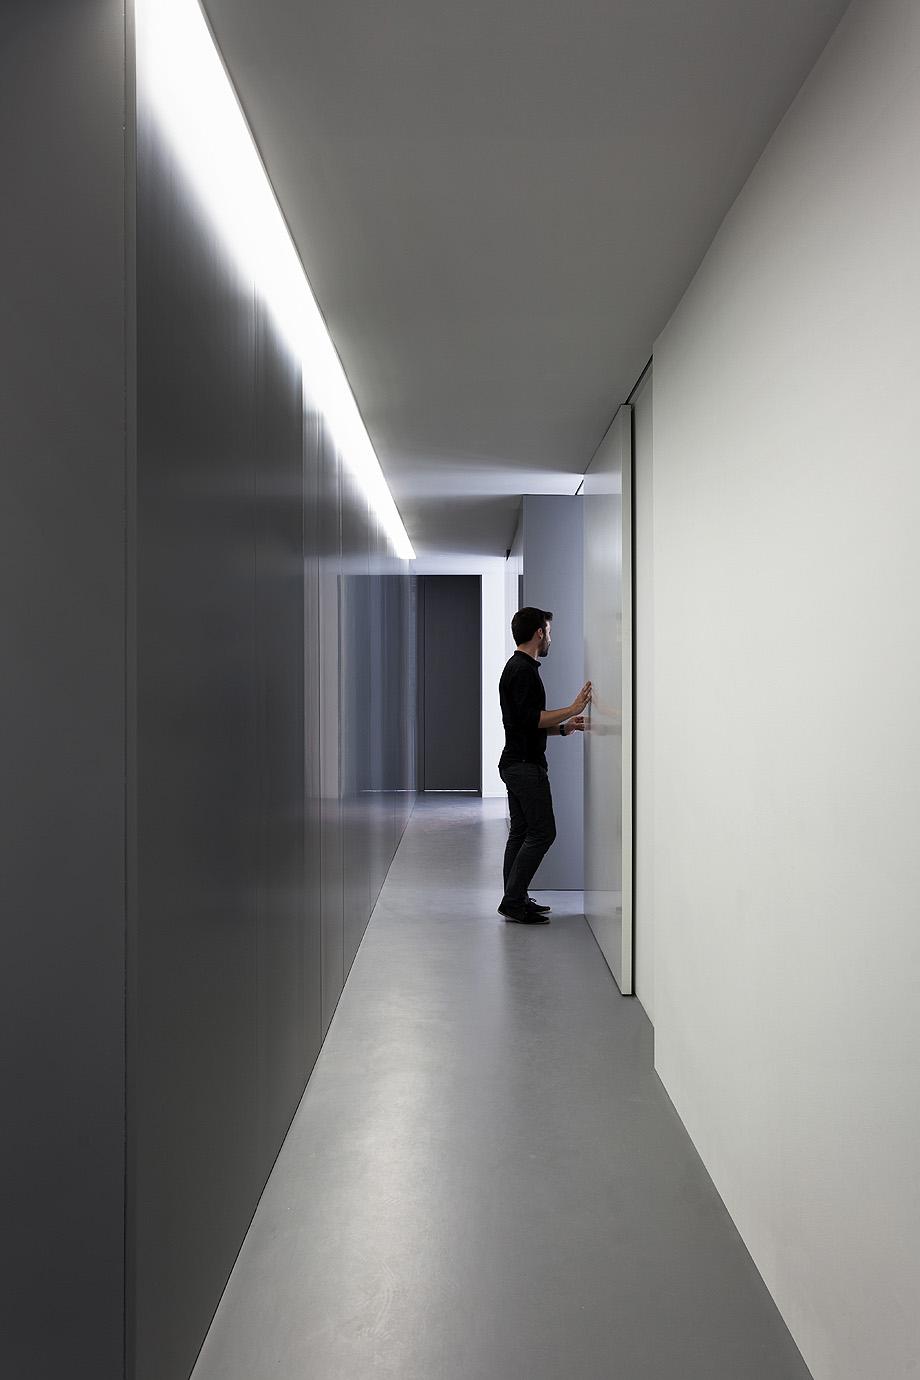 oficinas oav de fran silvestre arquitectos - foto diego opazo (4)